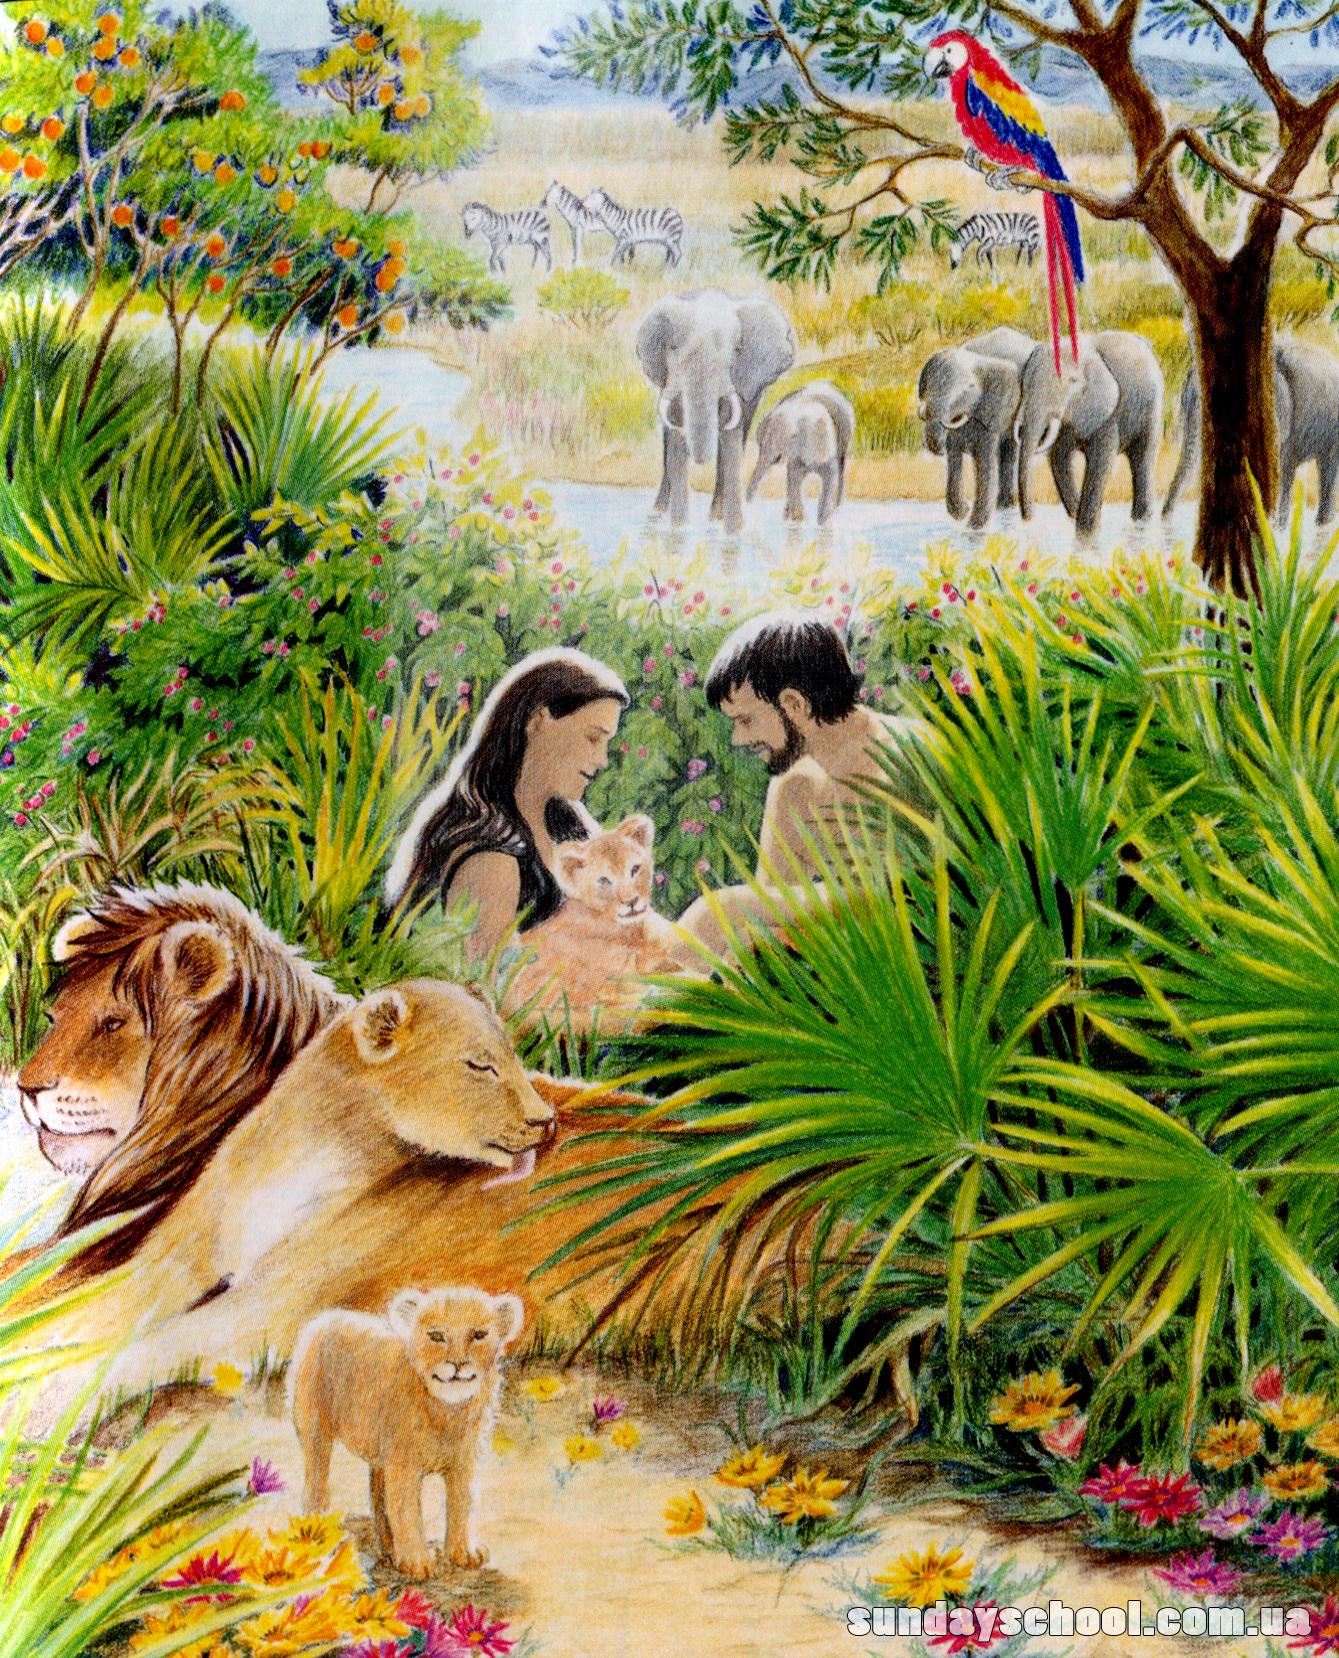 Рай картинки для детей